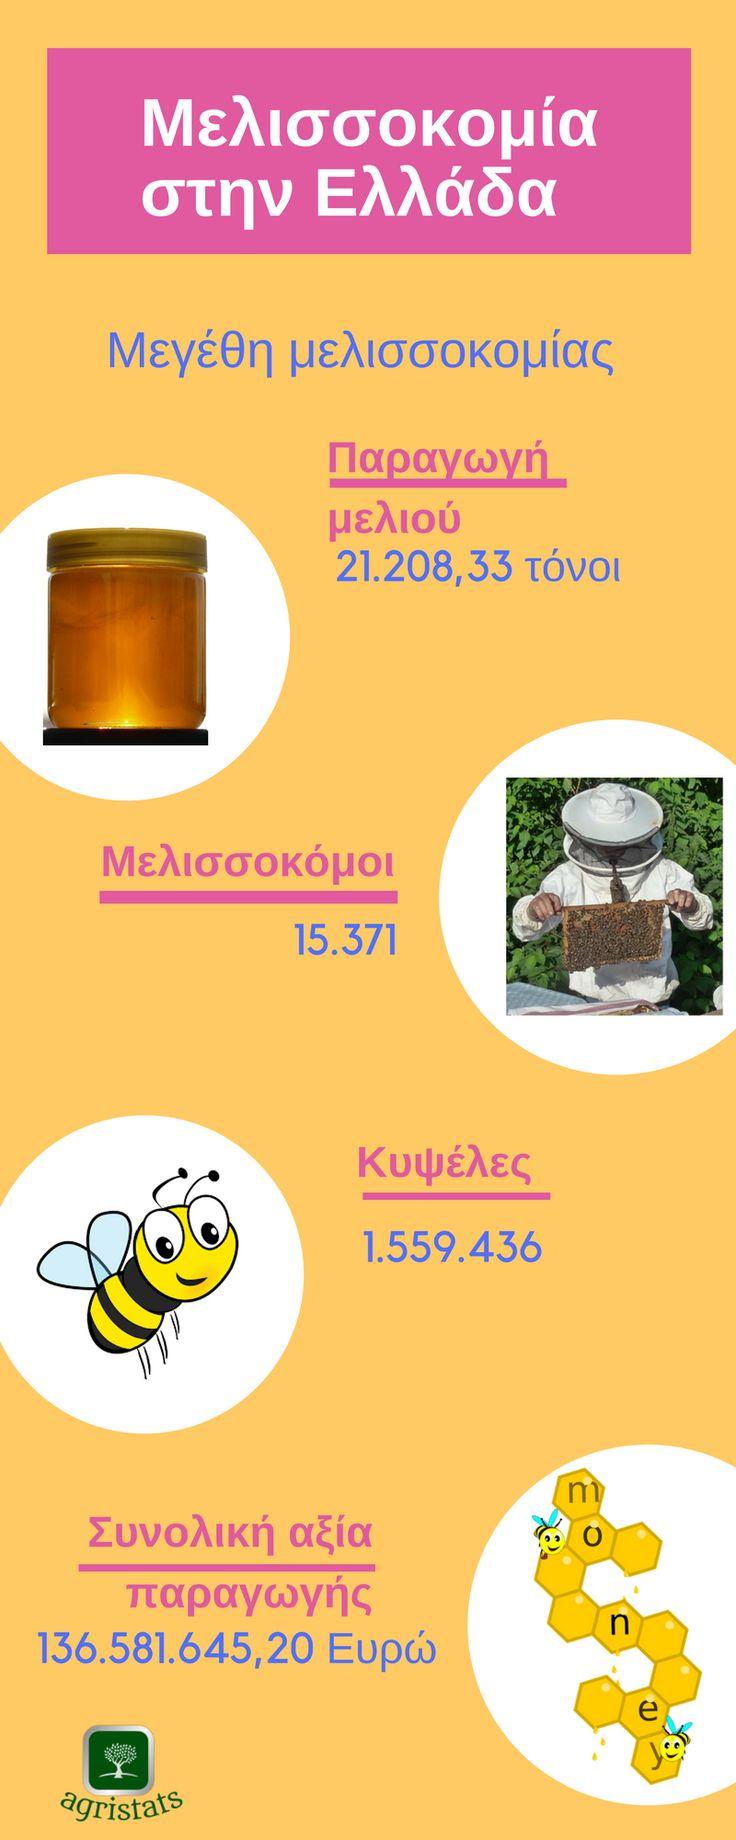 Μελισσοκομία στην Ελλάδα